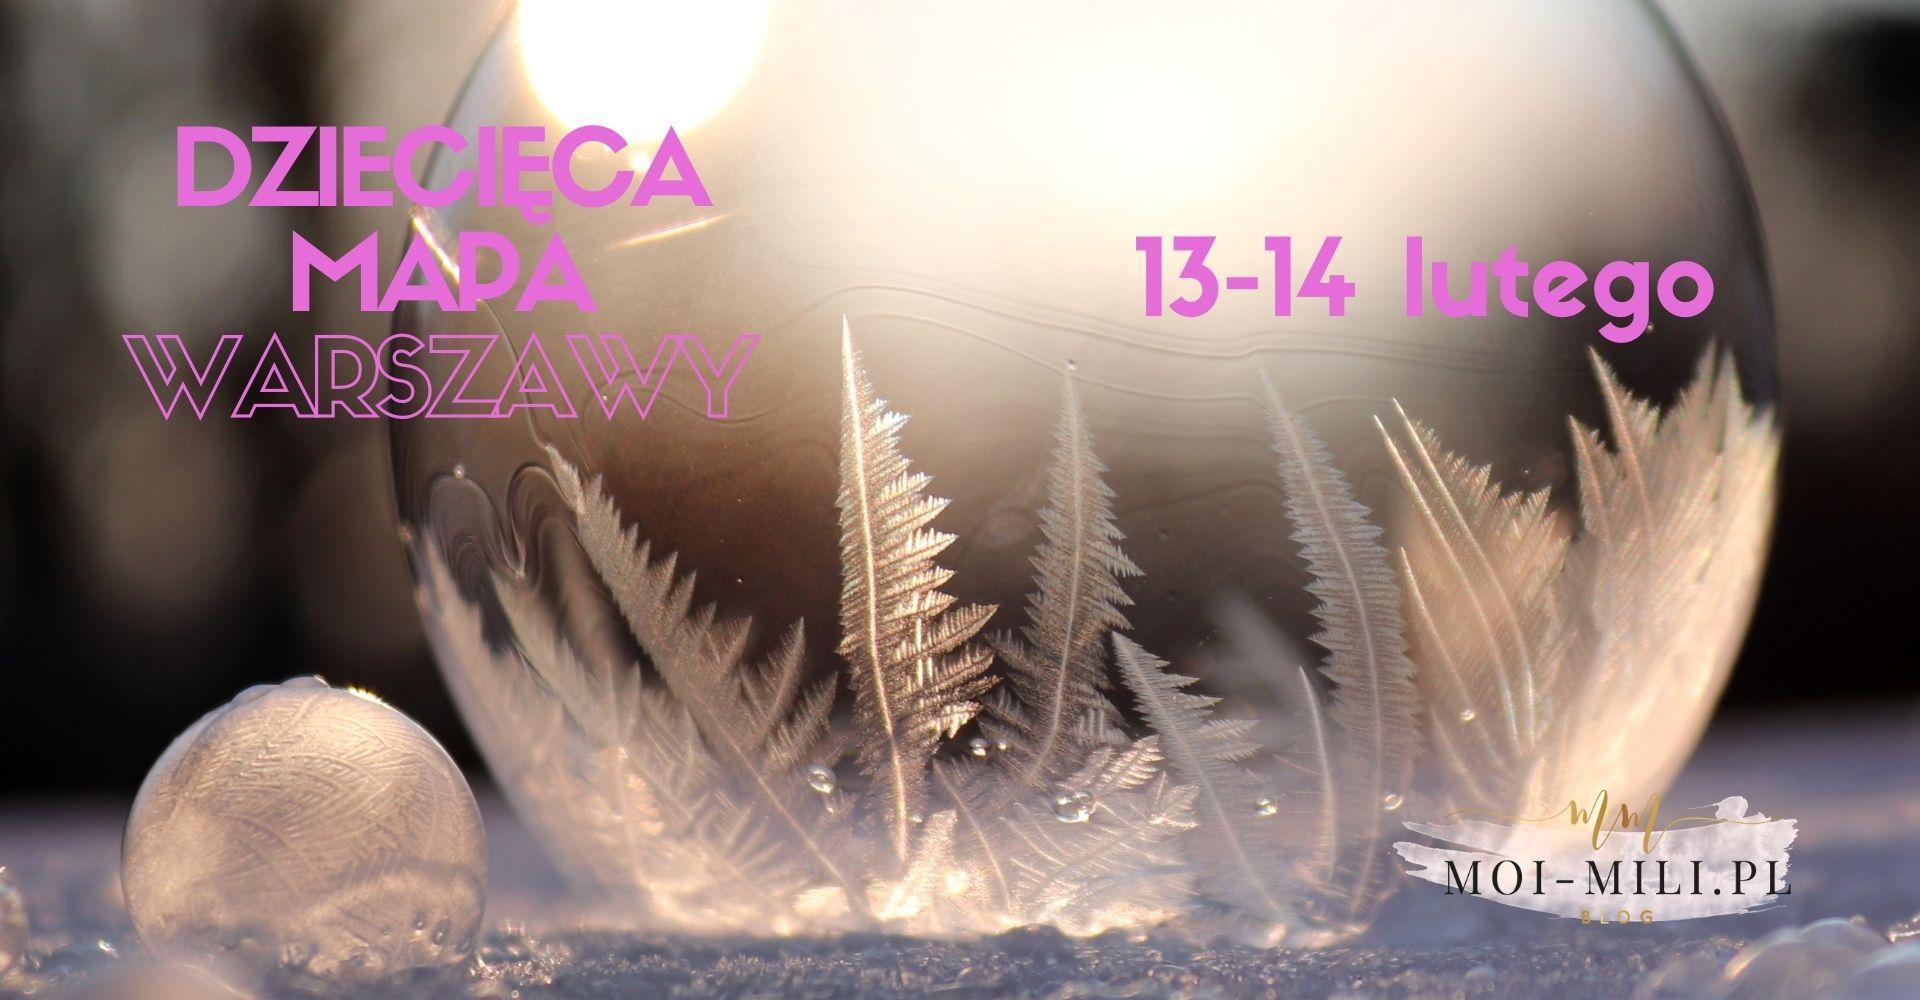 Weekendowa Zajawka, czyli co robić z dzieckiem w Warszawie 13-14 lutego